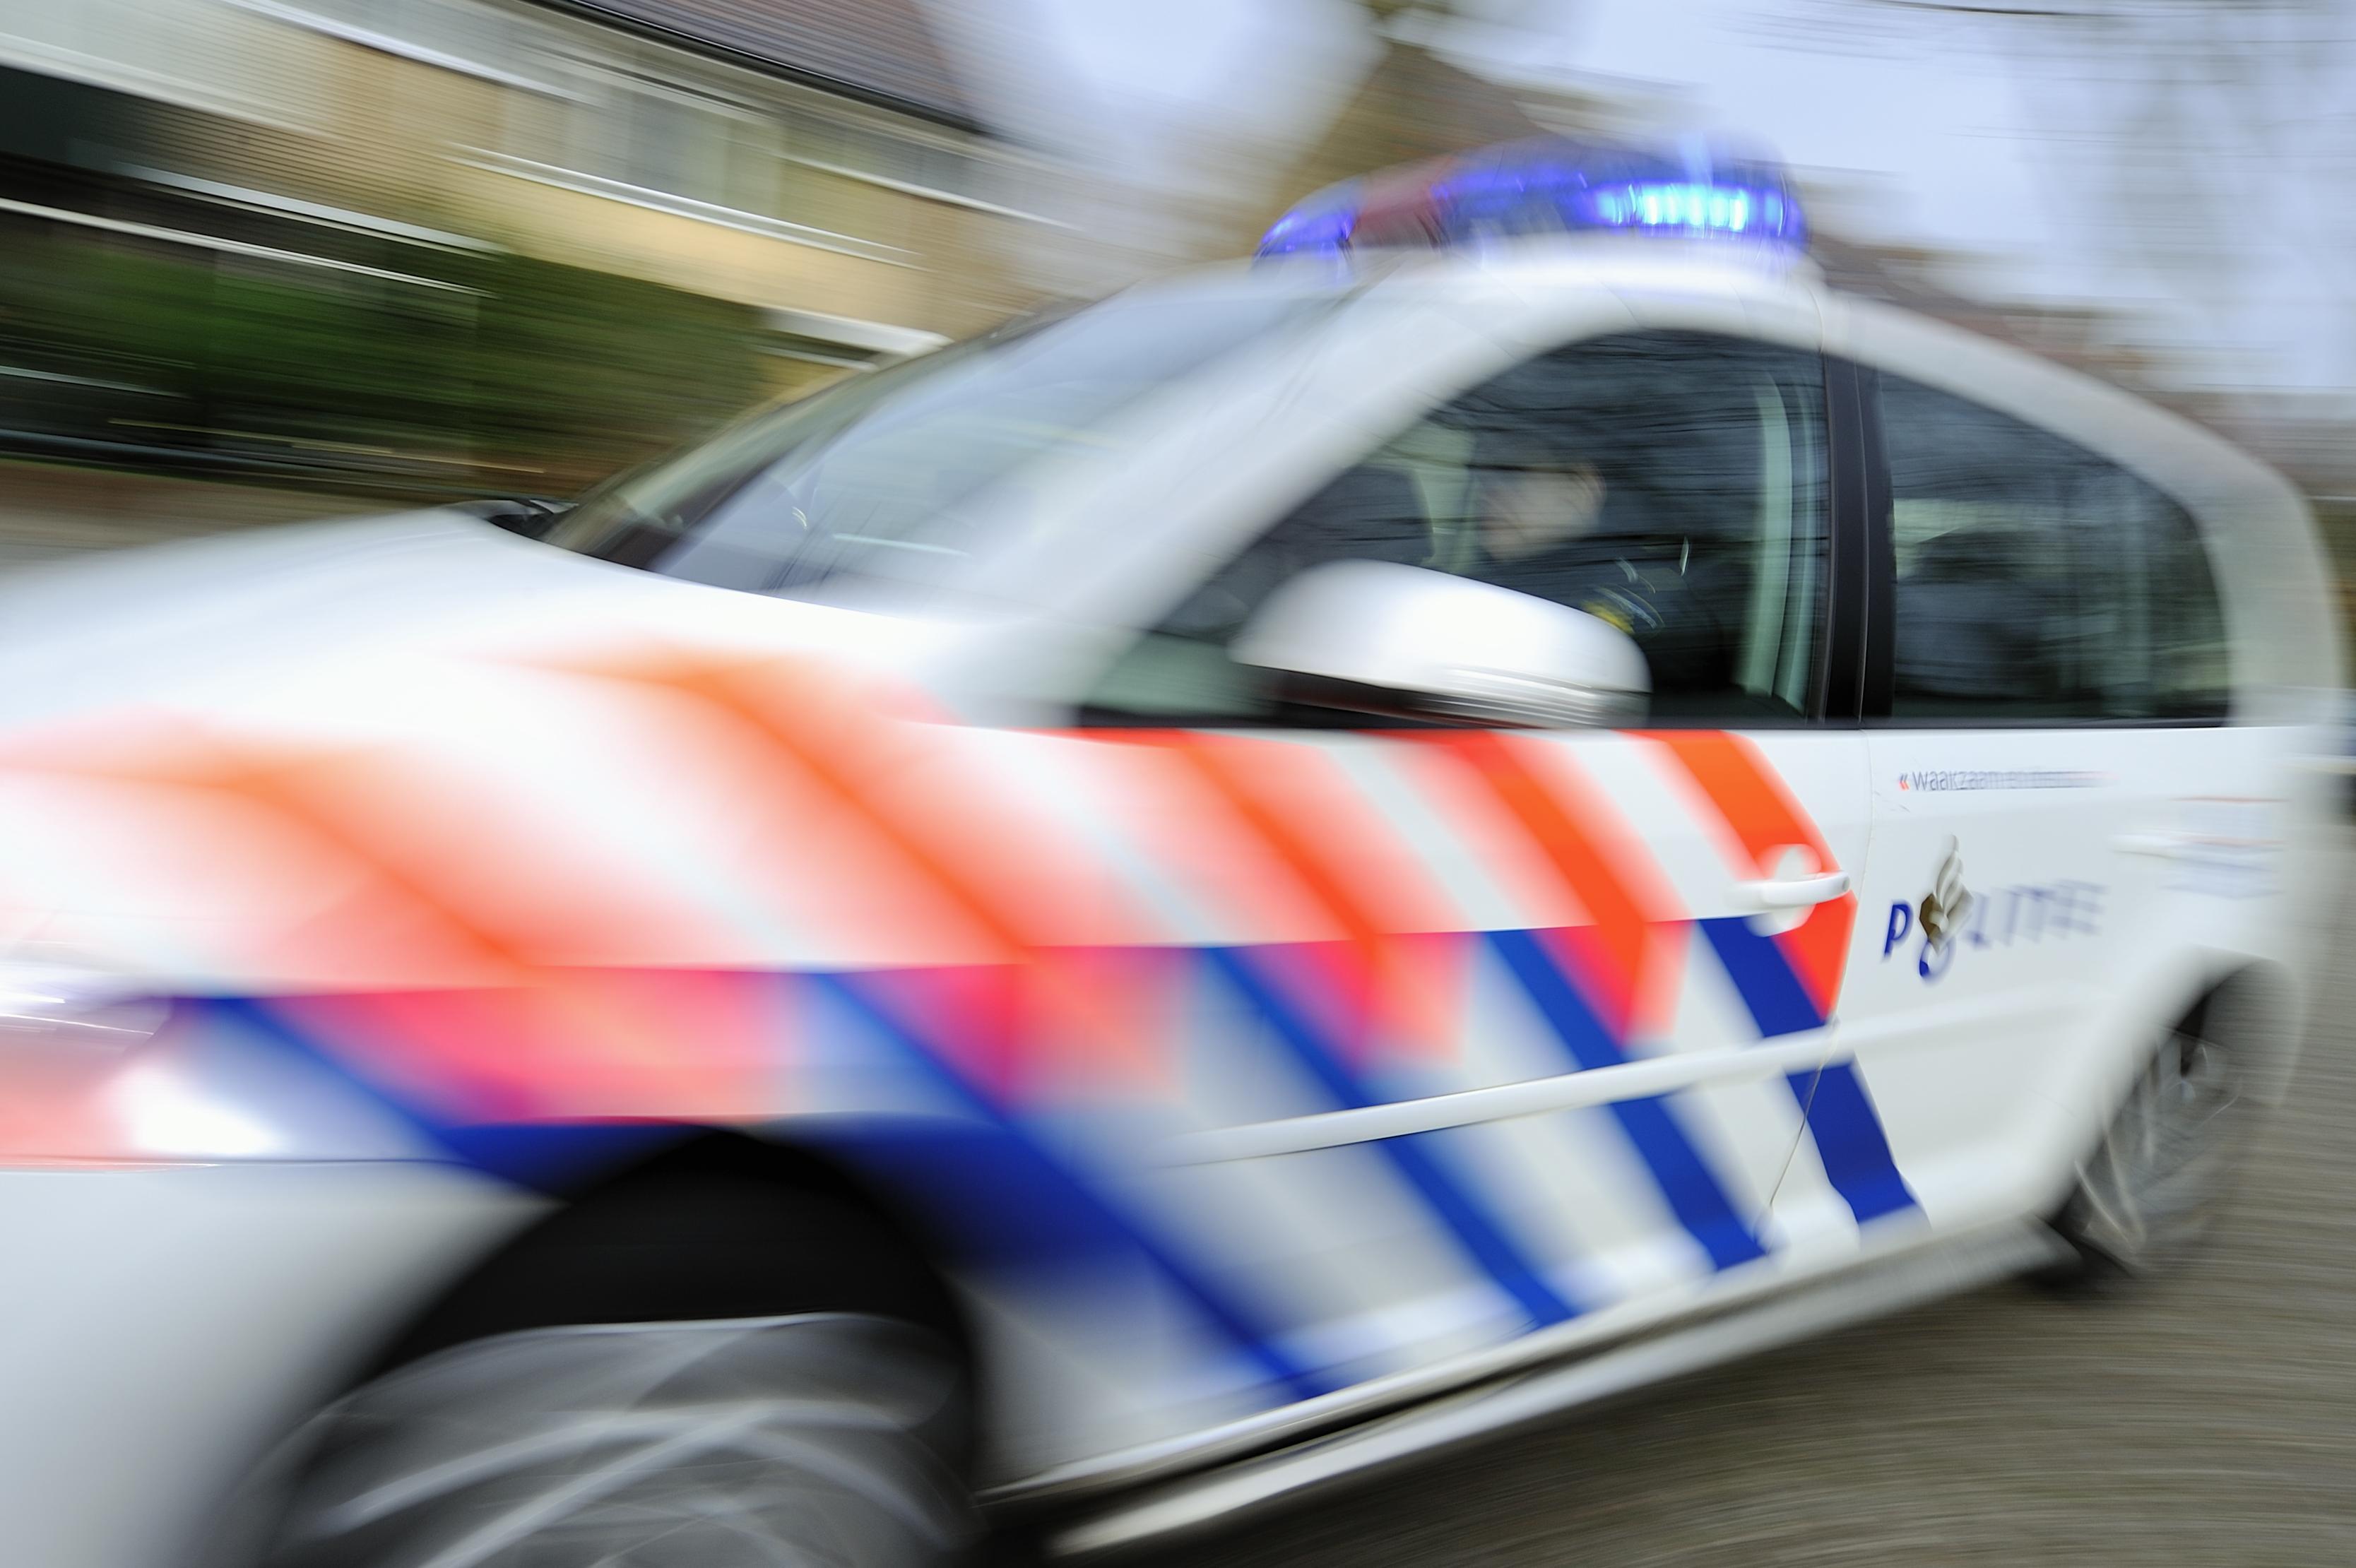 17-jarige hardloper besprongen en zwaar mishandeld door drietal in Hoofddorp; daders filmen mishandeling